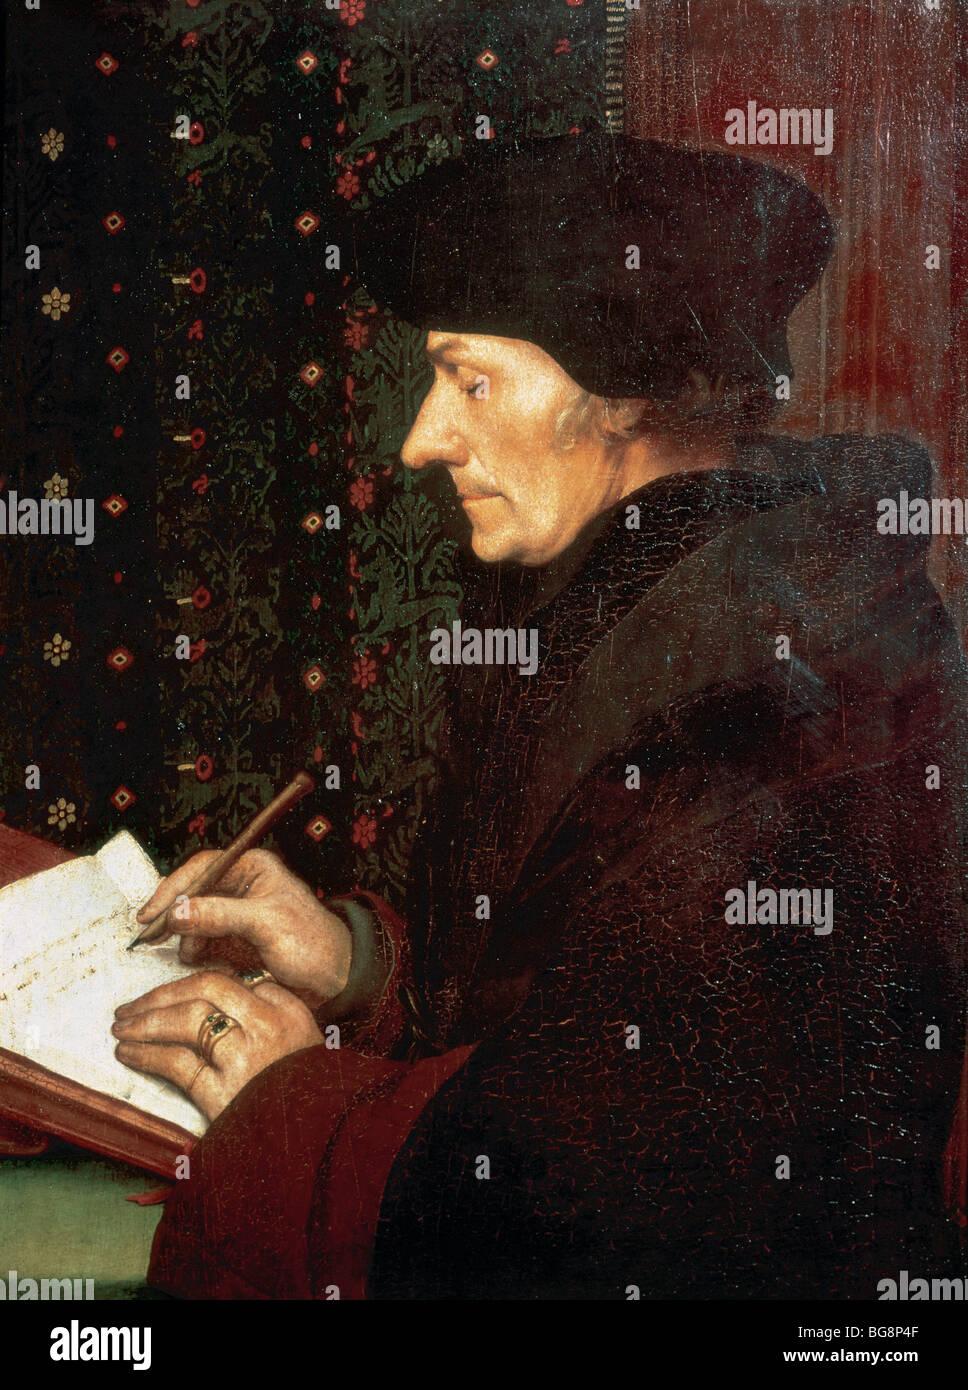 Desiderius Erasmus Roterodamus (known as Desiderius Erasmus of Rotterdam) (1466/1469-1536). Dutch Renaissance humanist. - Stock Image